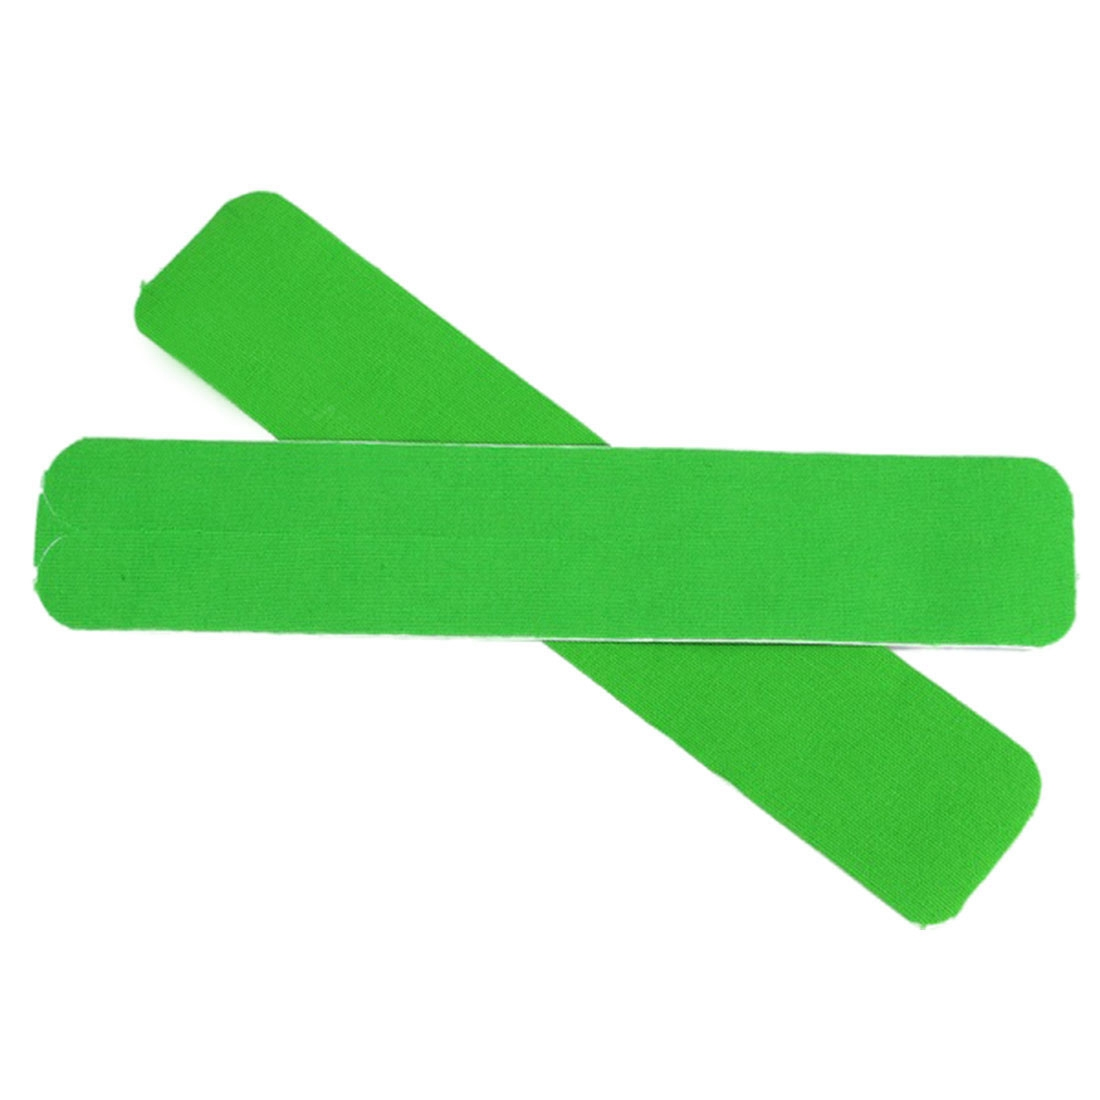 Супер продать КТ лента про химическое кинезиологии эластичная лента спортивных-боли и Поддержка зеленый